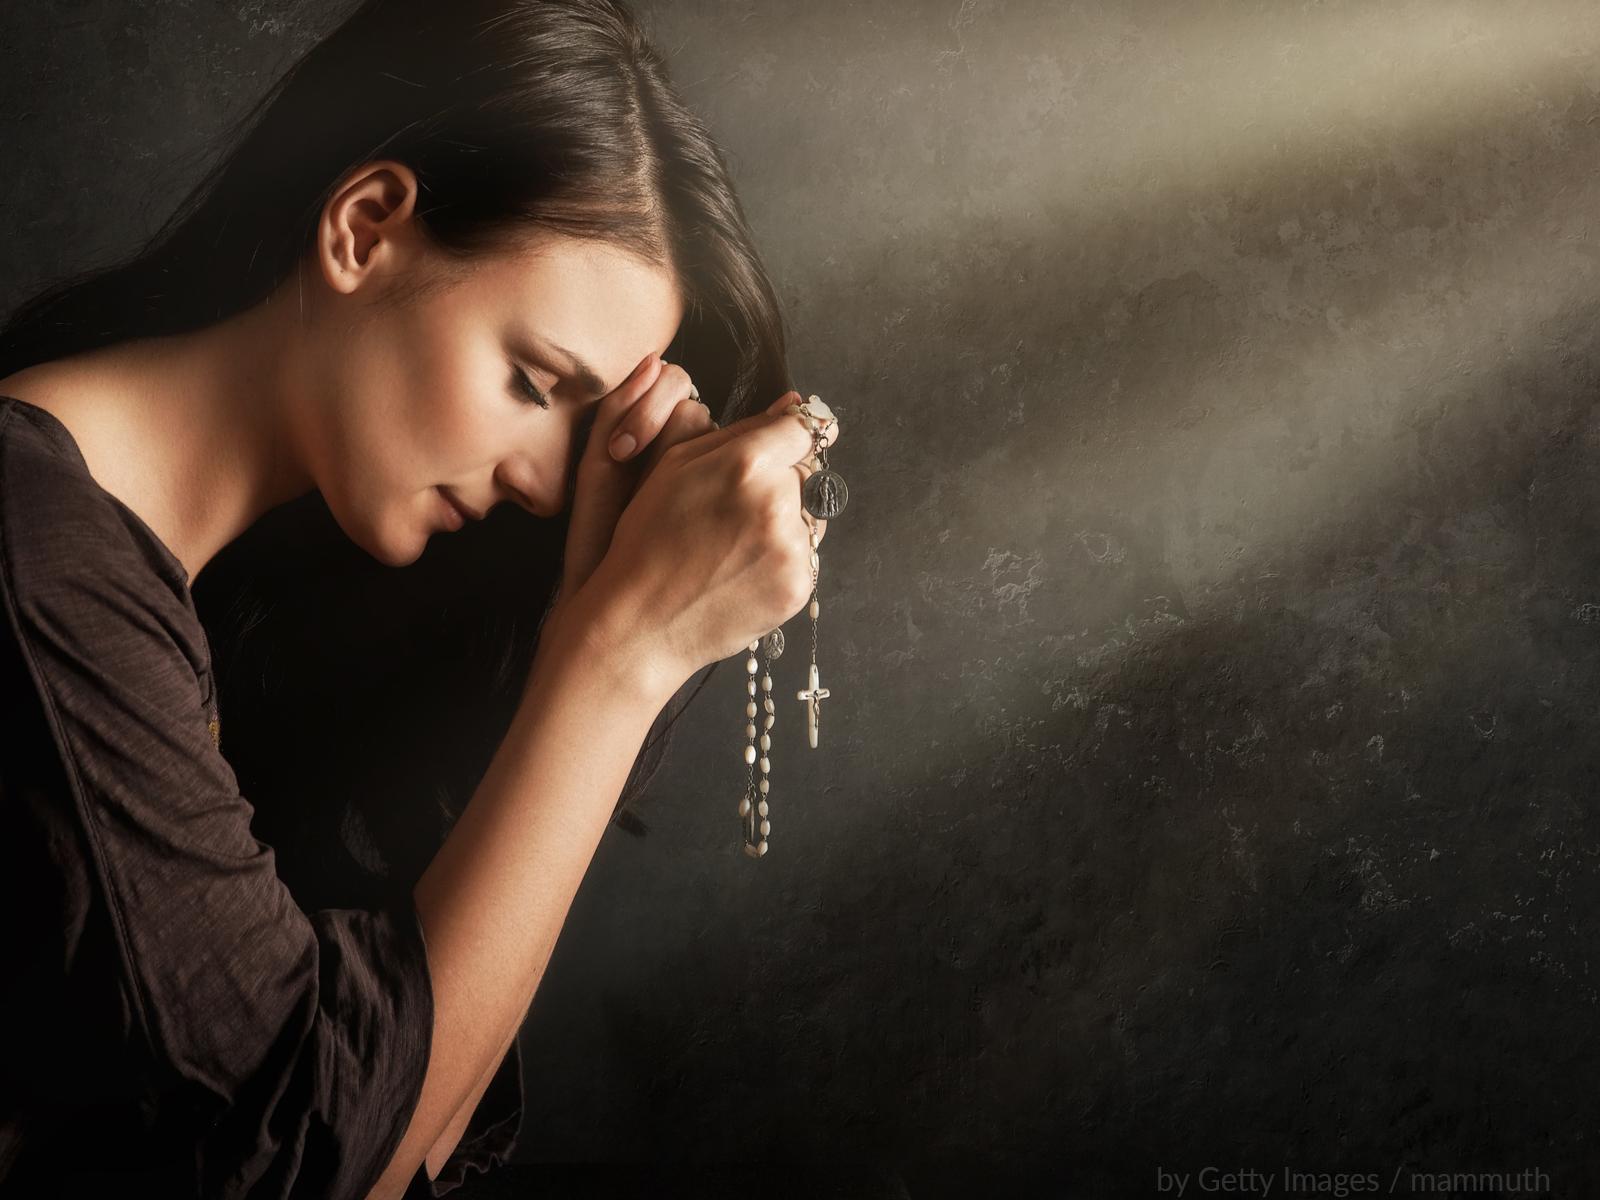 Ser cristão, um caminho a seguir